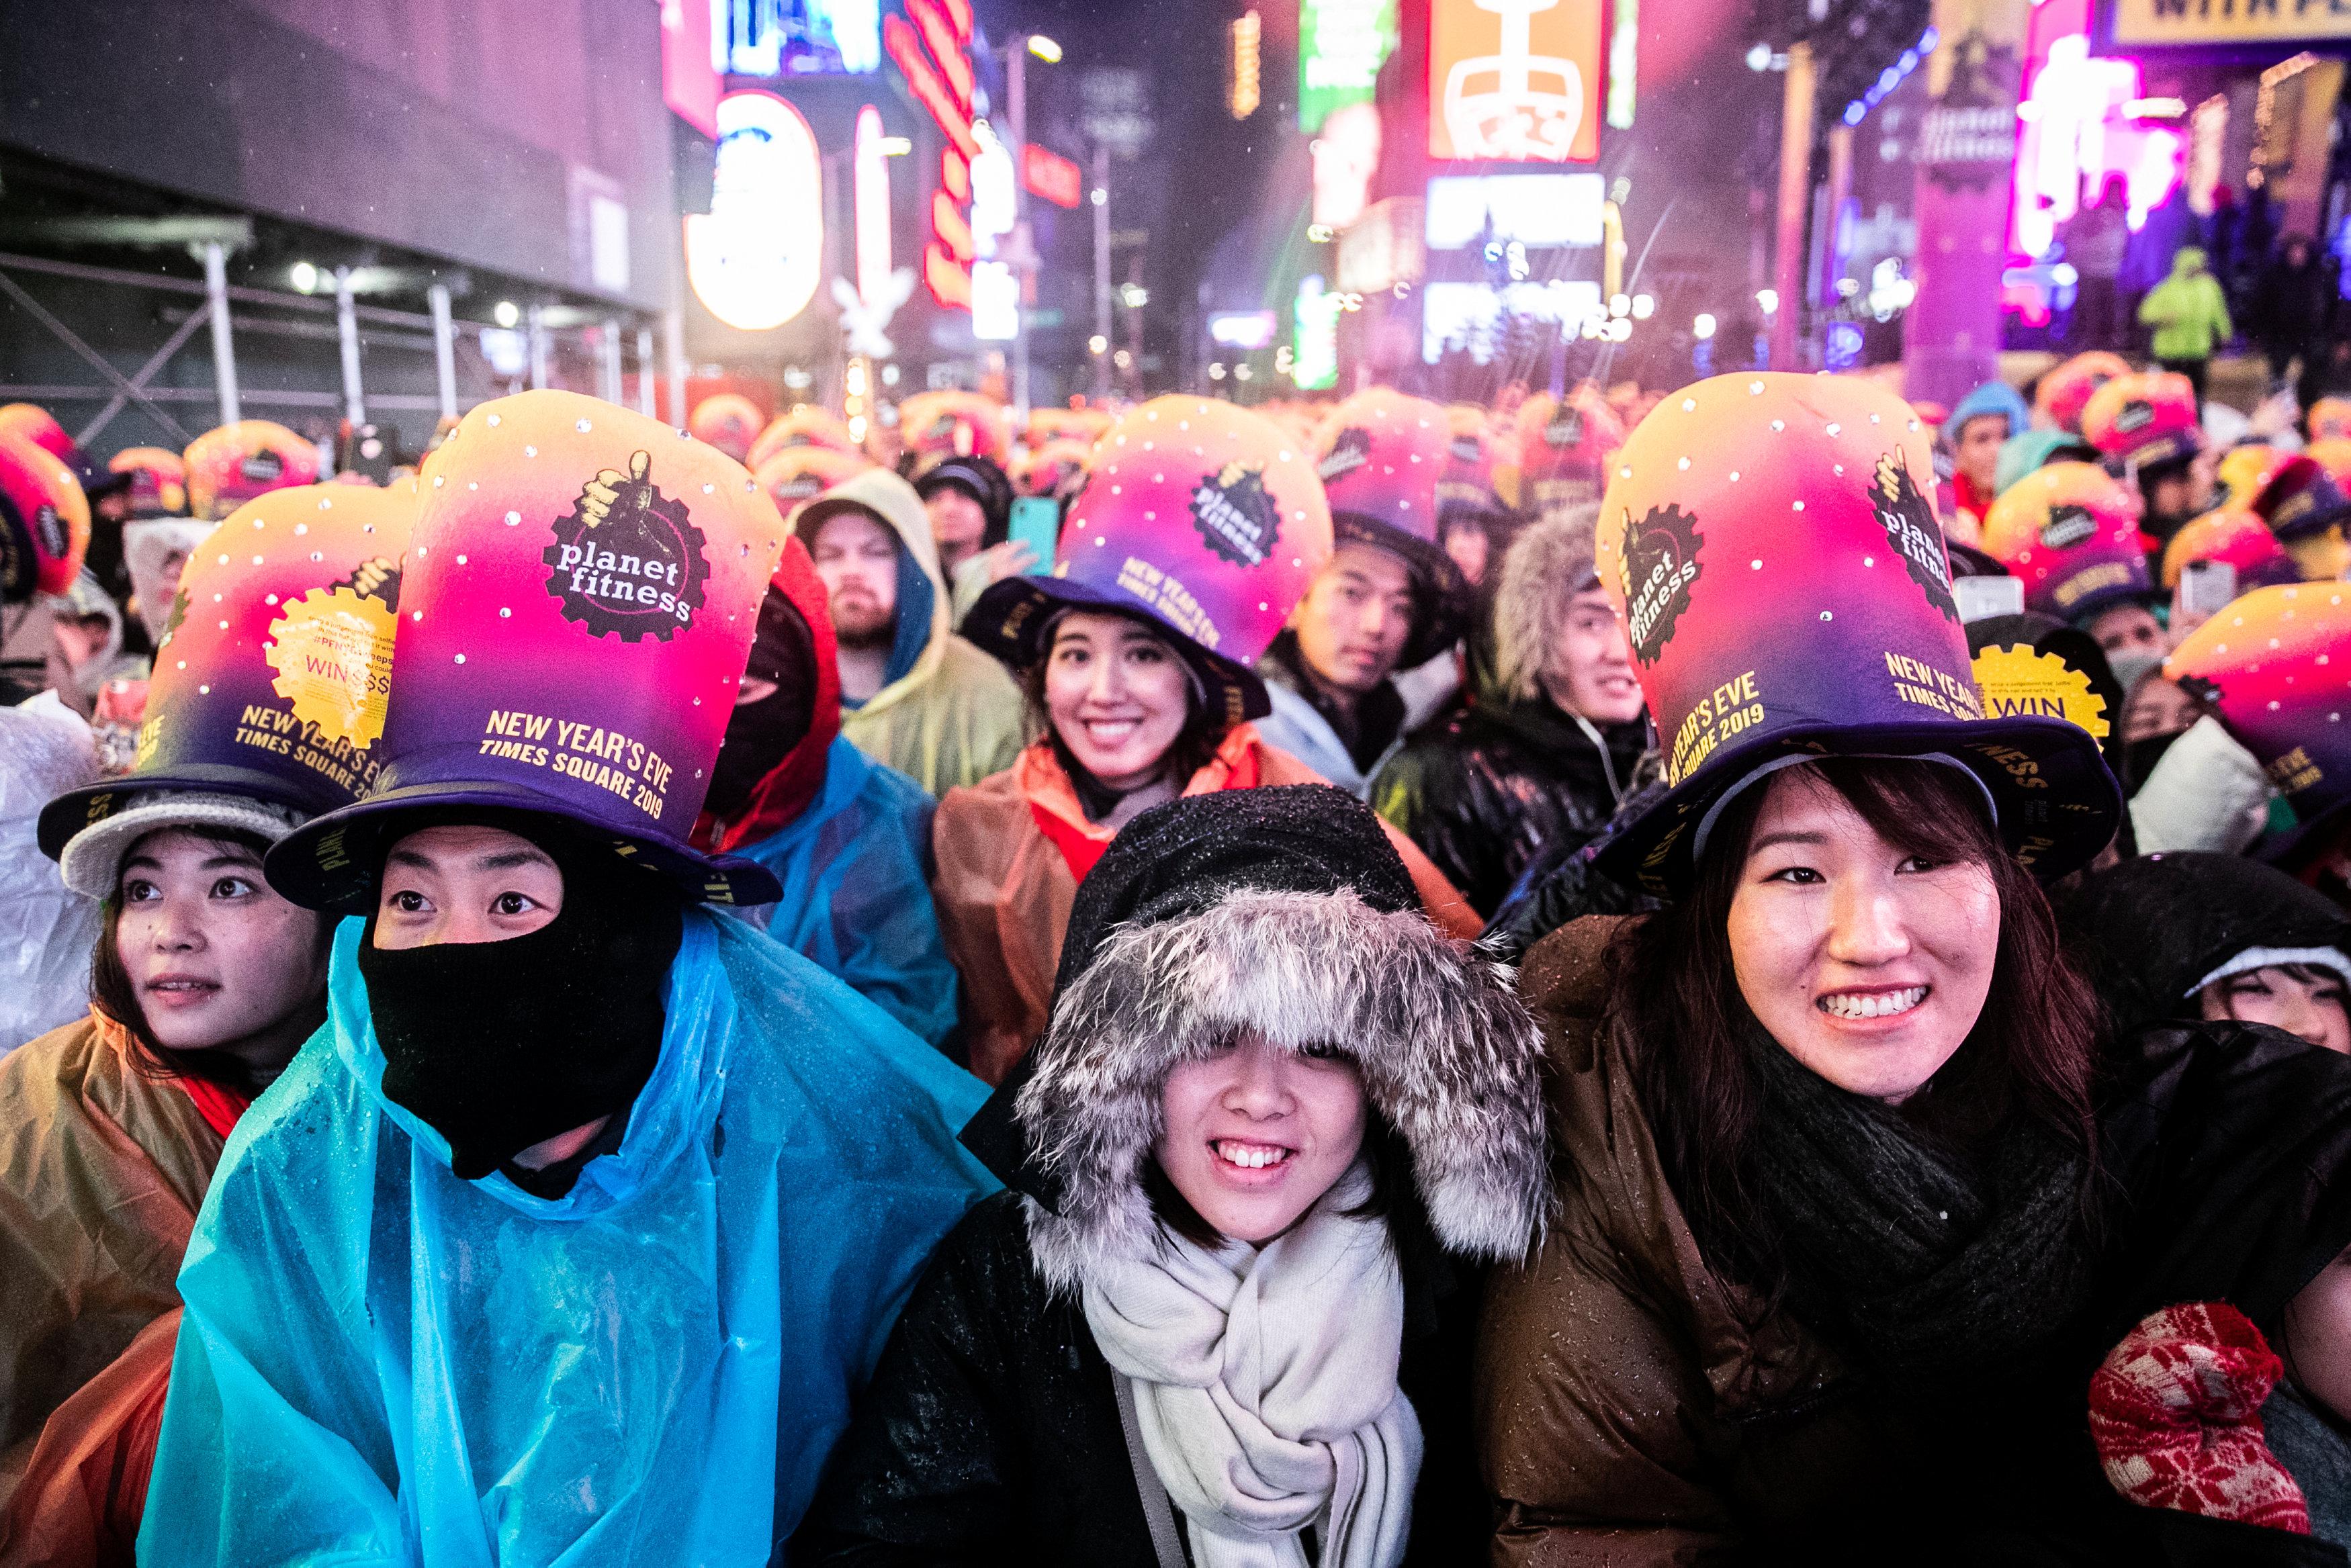 احتفالات فى نيويورك بالعام الجديد